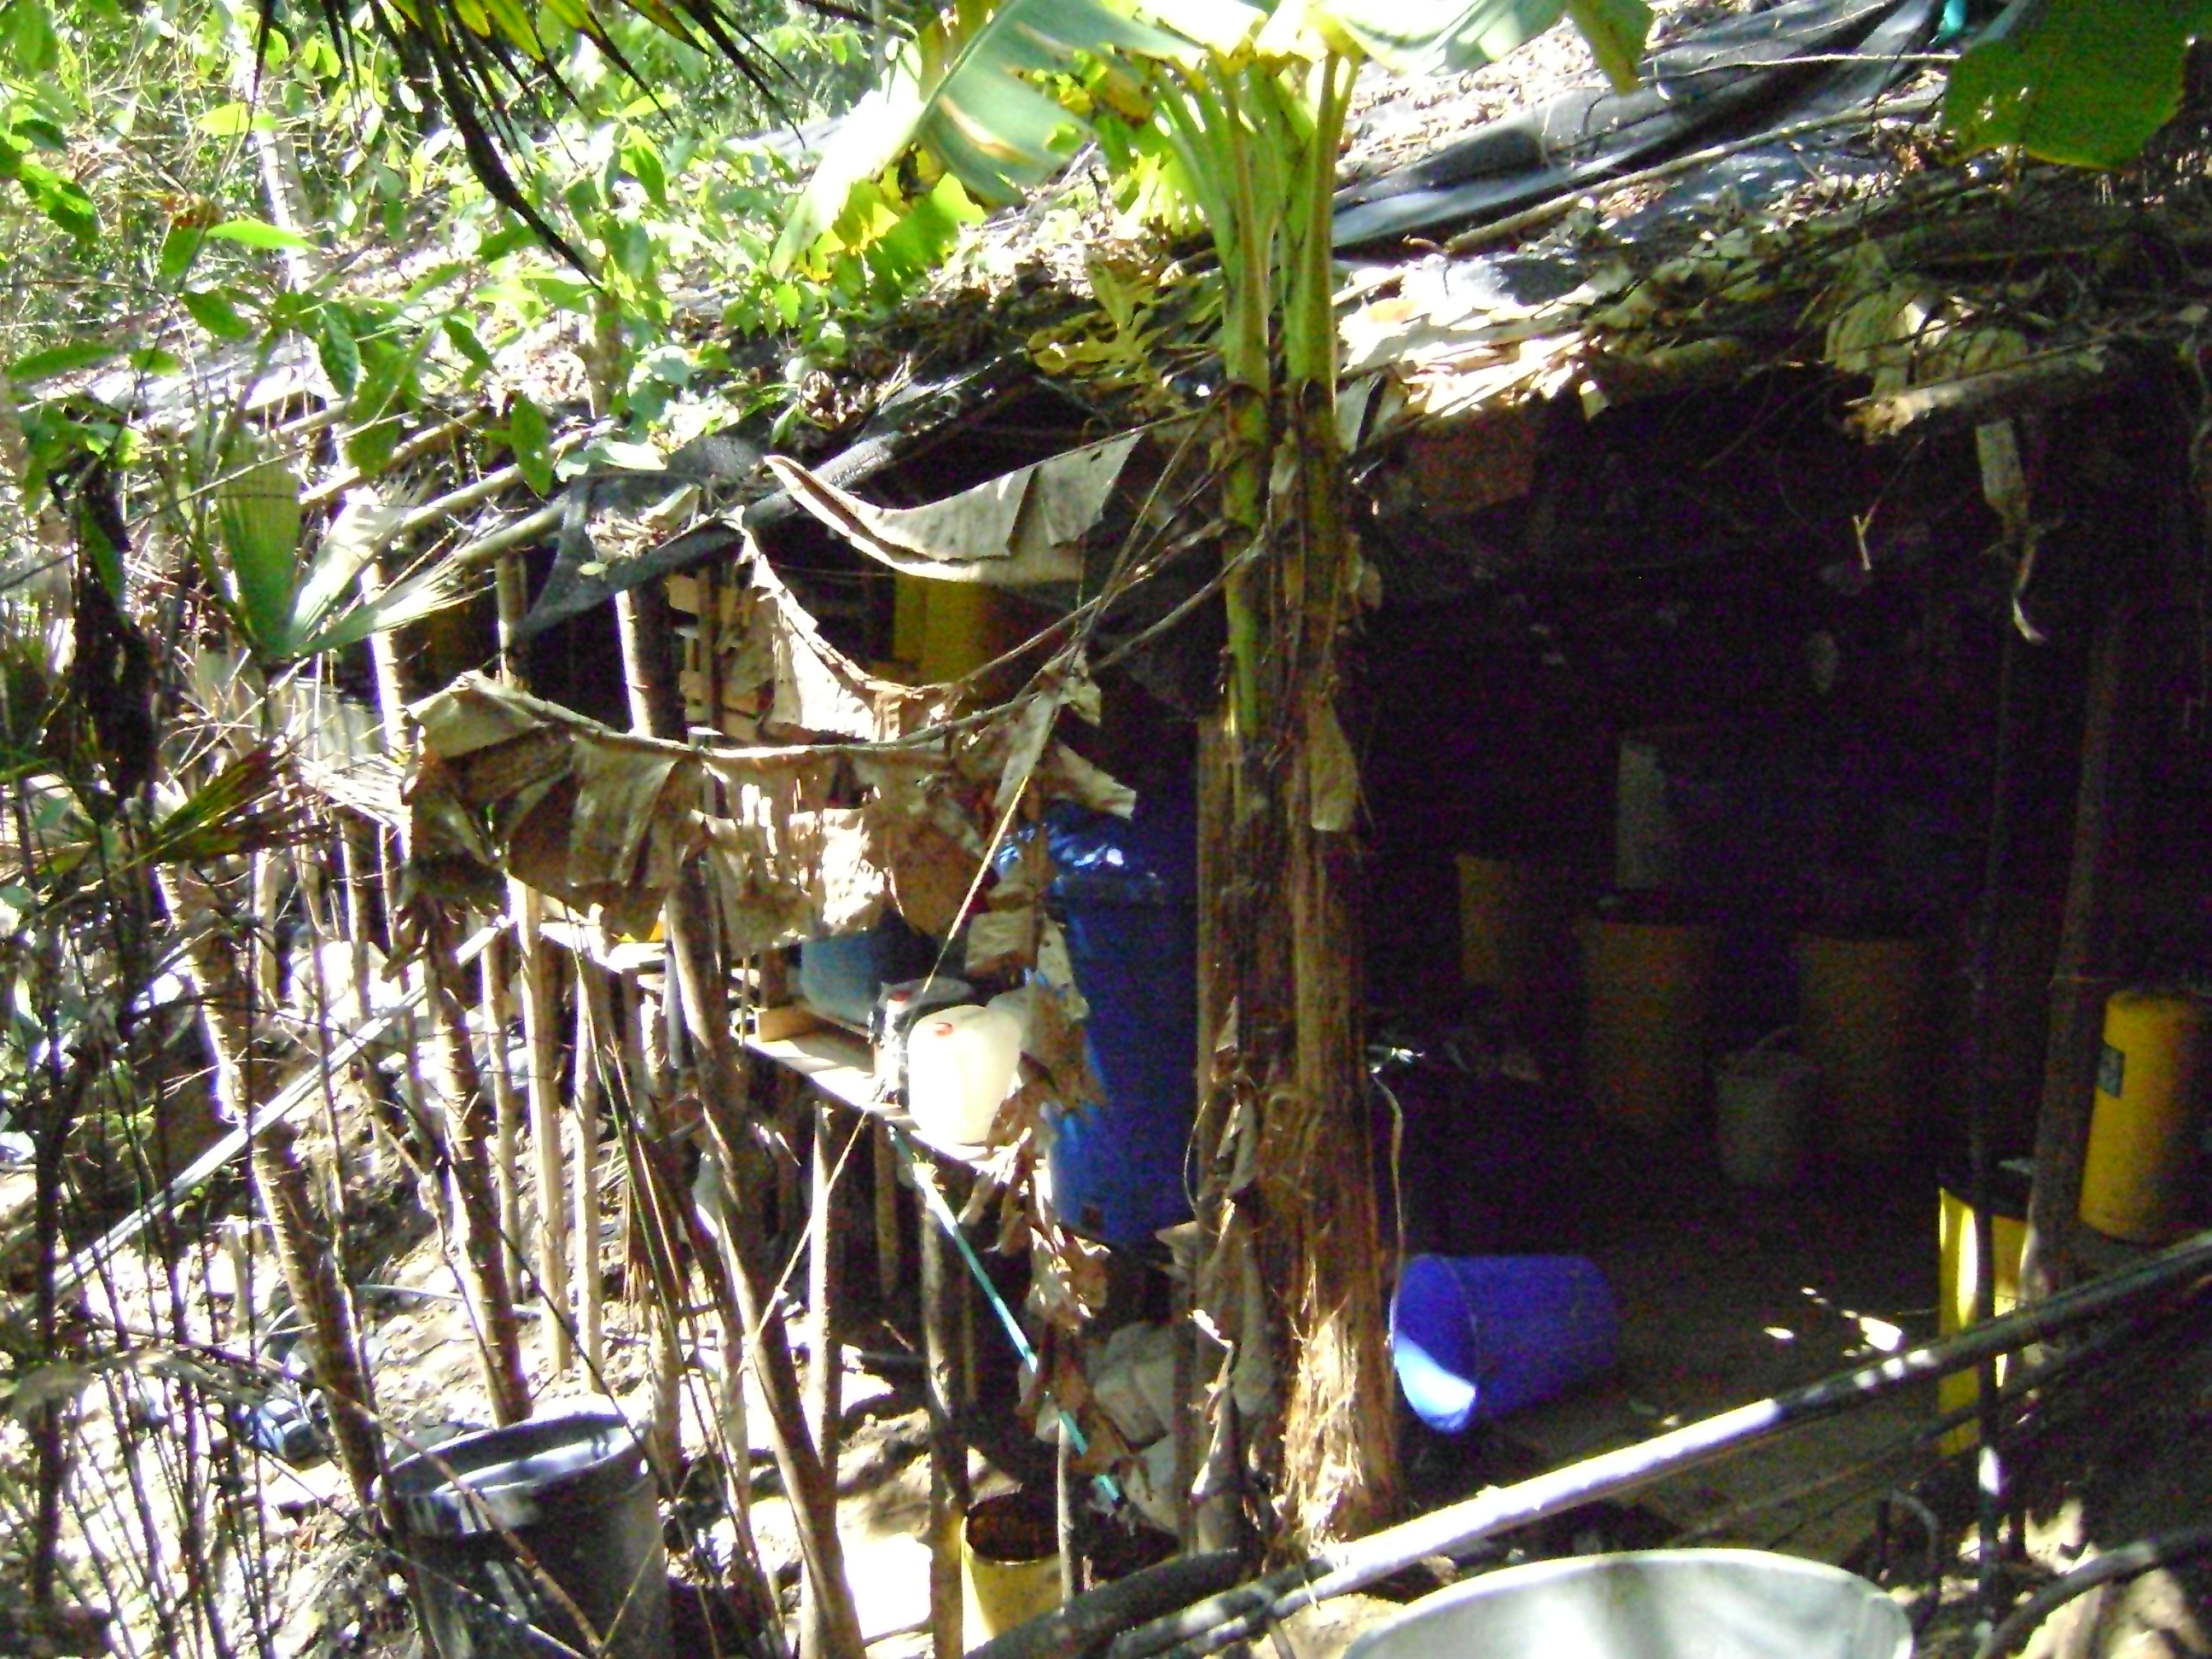 Ejercito destruye 2 laboratorios artesanal de procesamiento de cocaína